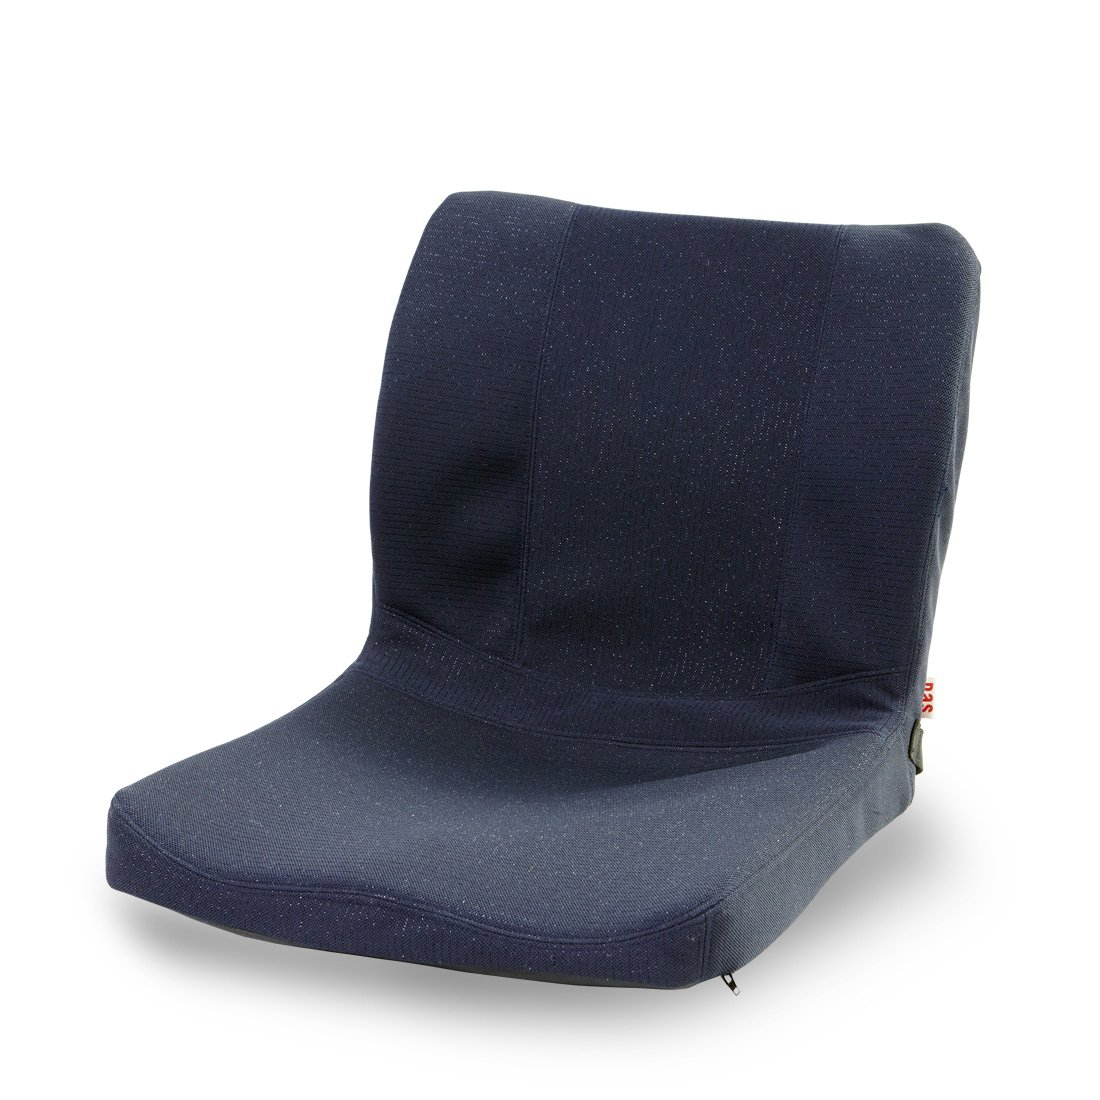 車いす用モールドシート /7-2315-01 B00U1FF69Y